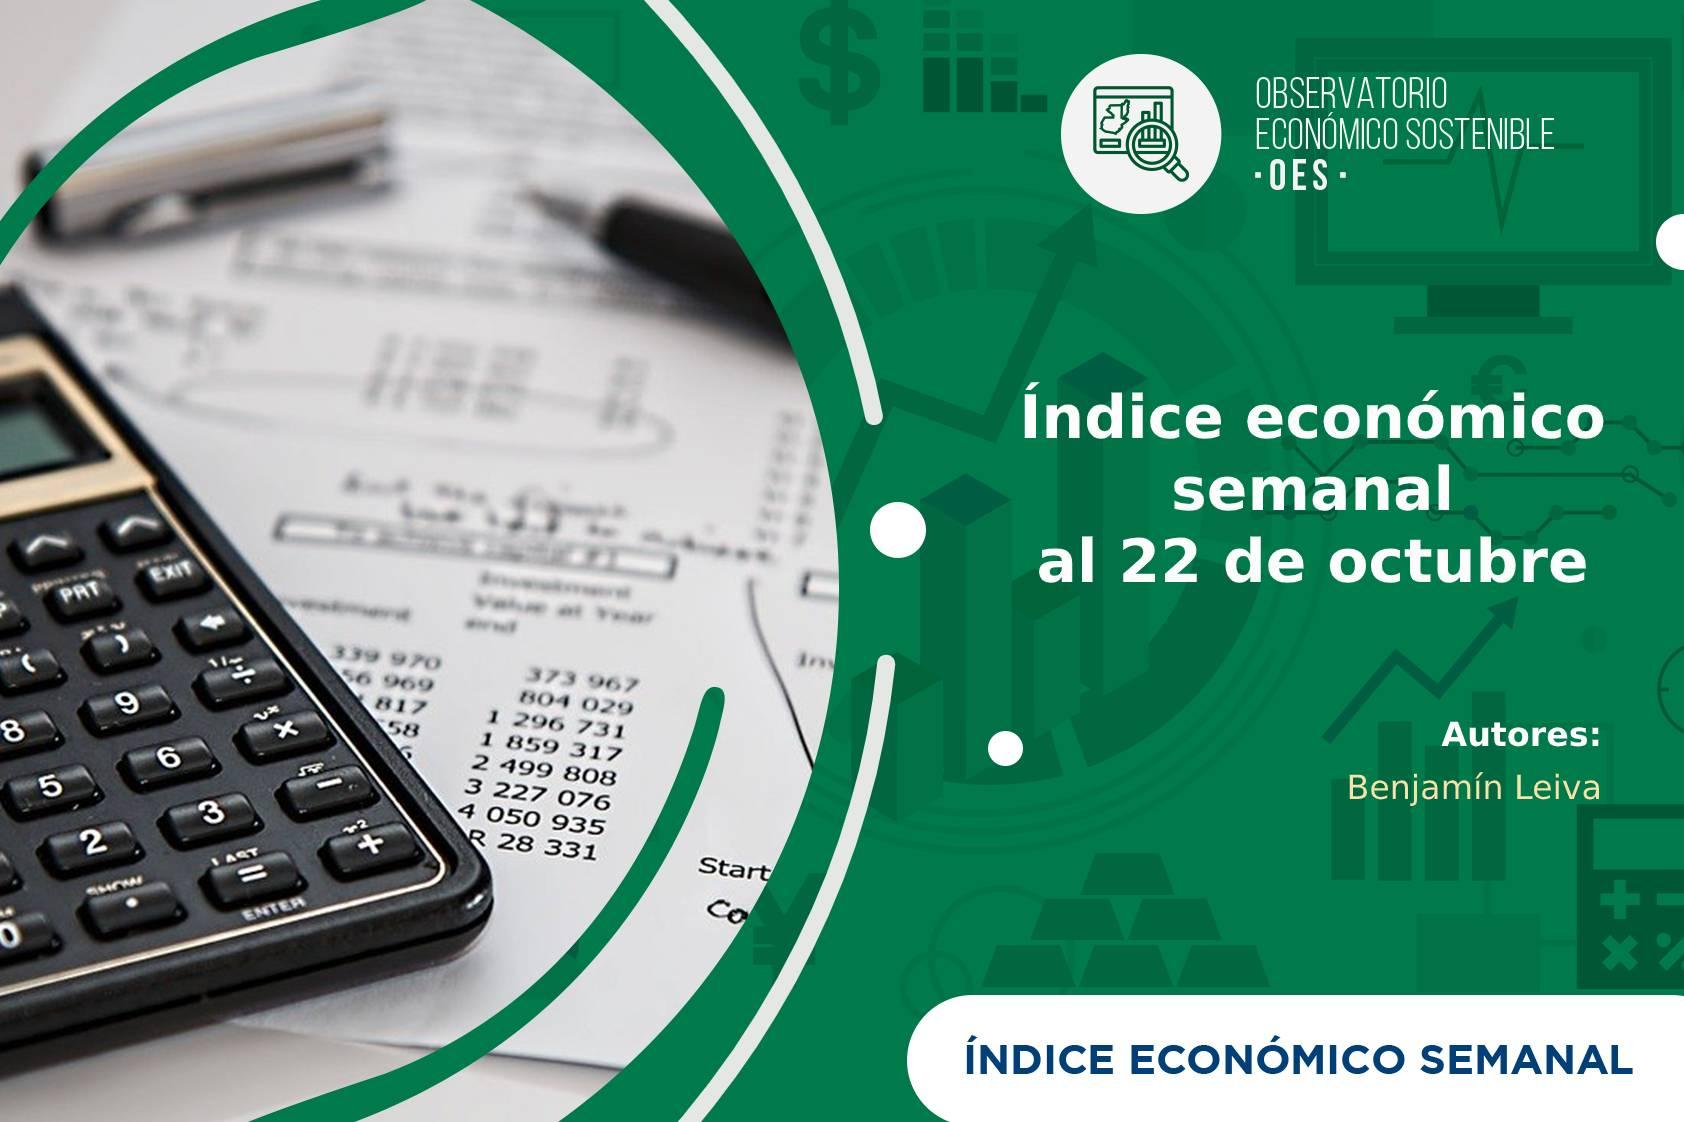 El aumento en los vuelos, remesas y consumo de petróleo levantó el IES para el 22 de octubre